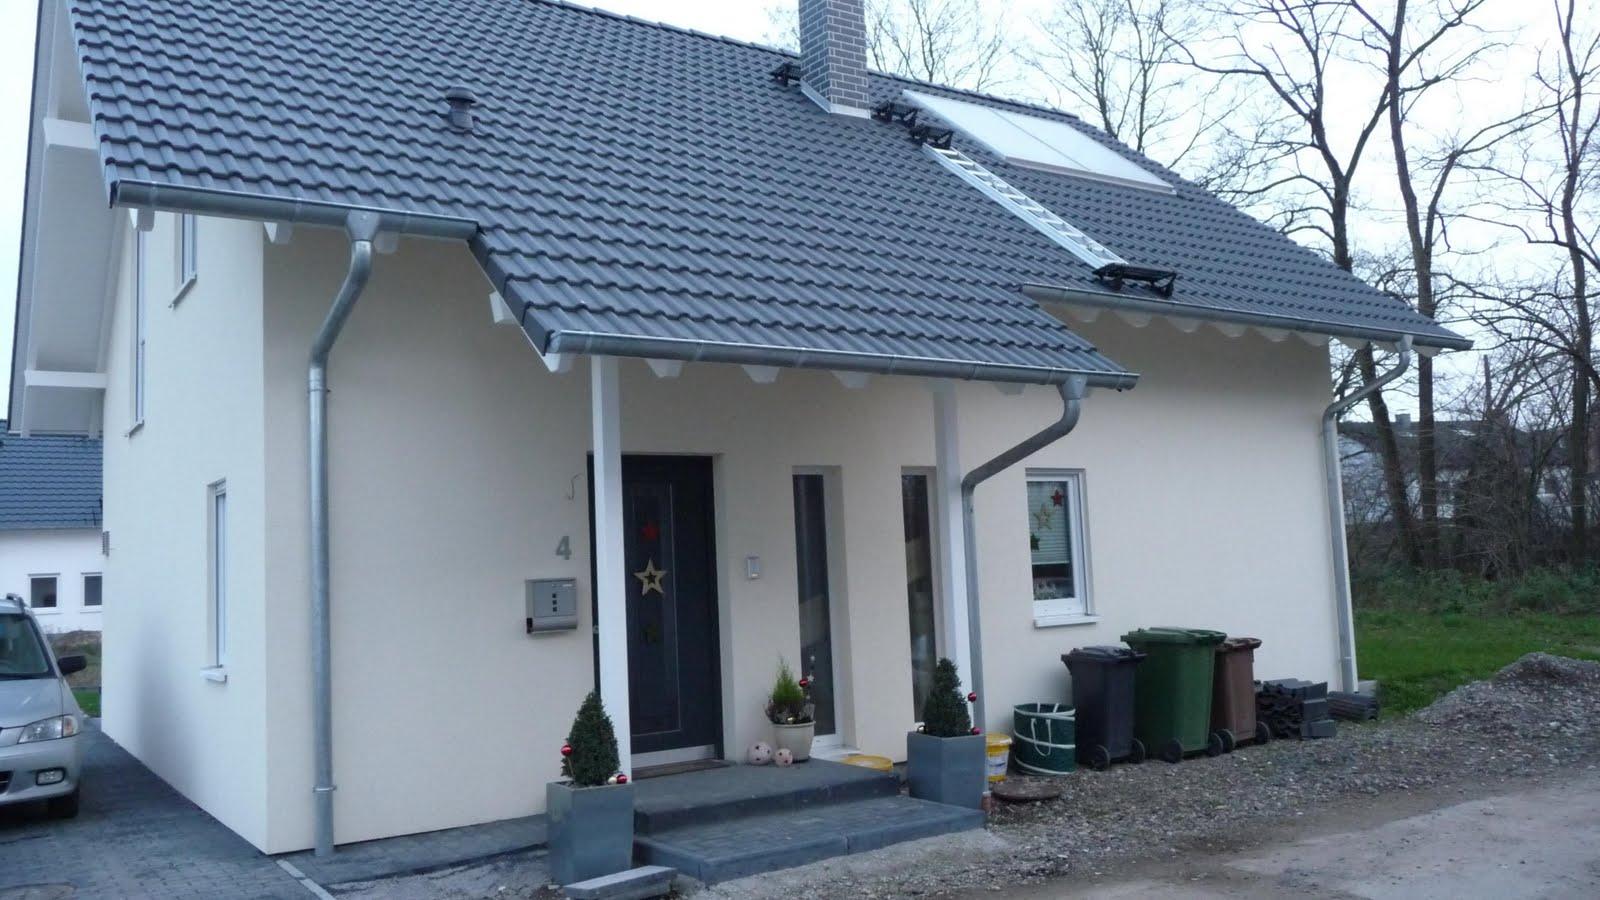 wir bauen mit fingerhaus ein flair 200 vordach repariert. Black Bedroom Furniture Sets. Home Design Ideas